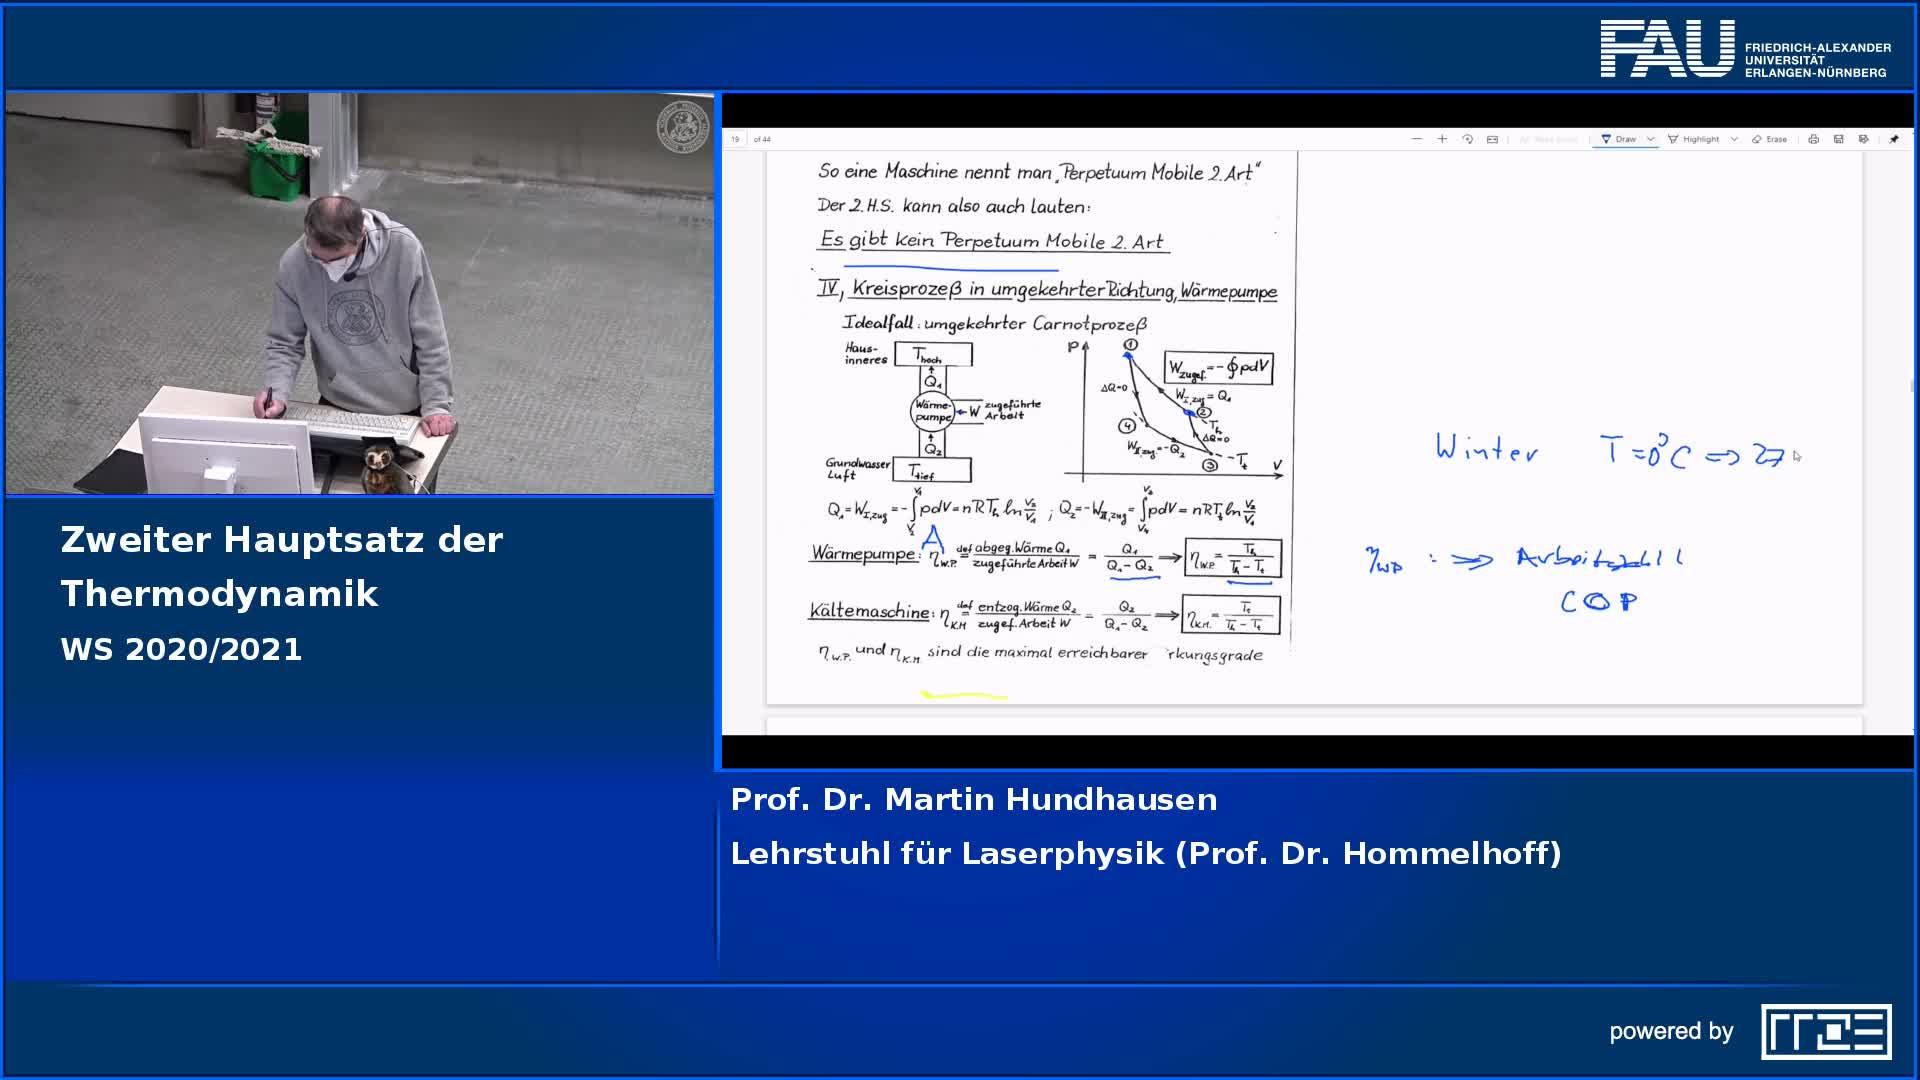 Zweiter Hauptsatz der Thermodynamik preview image